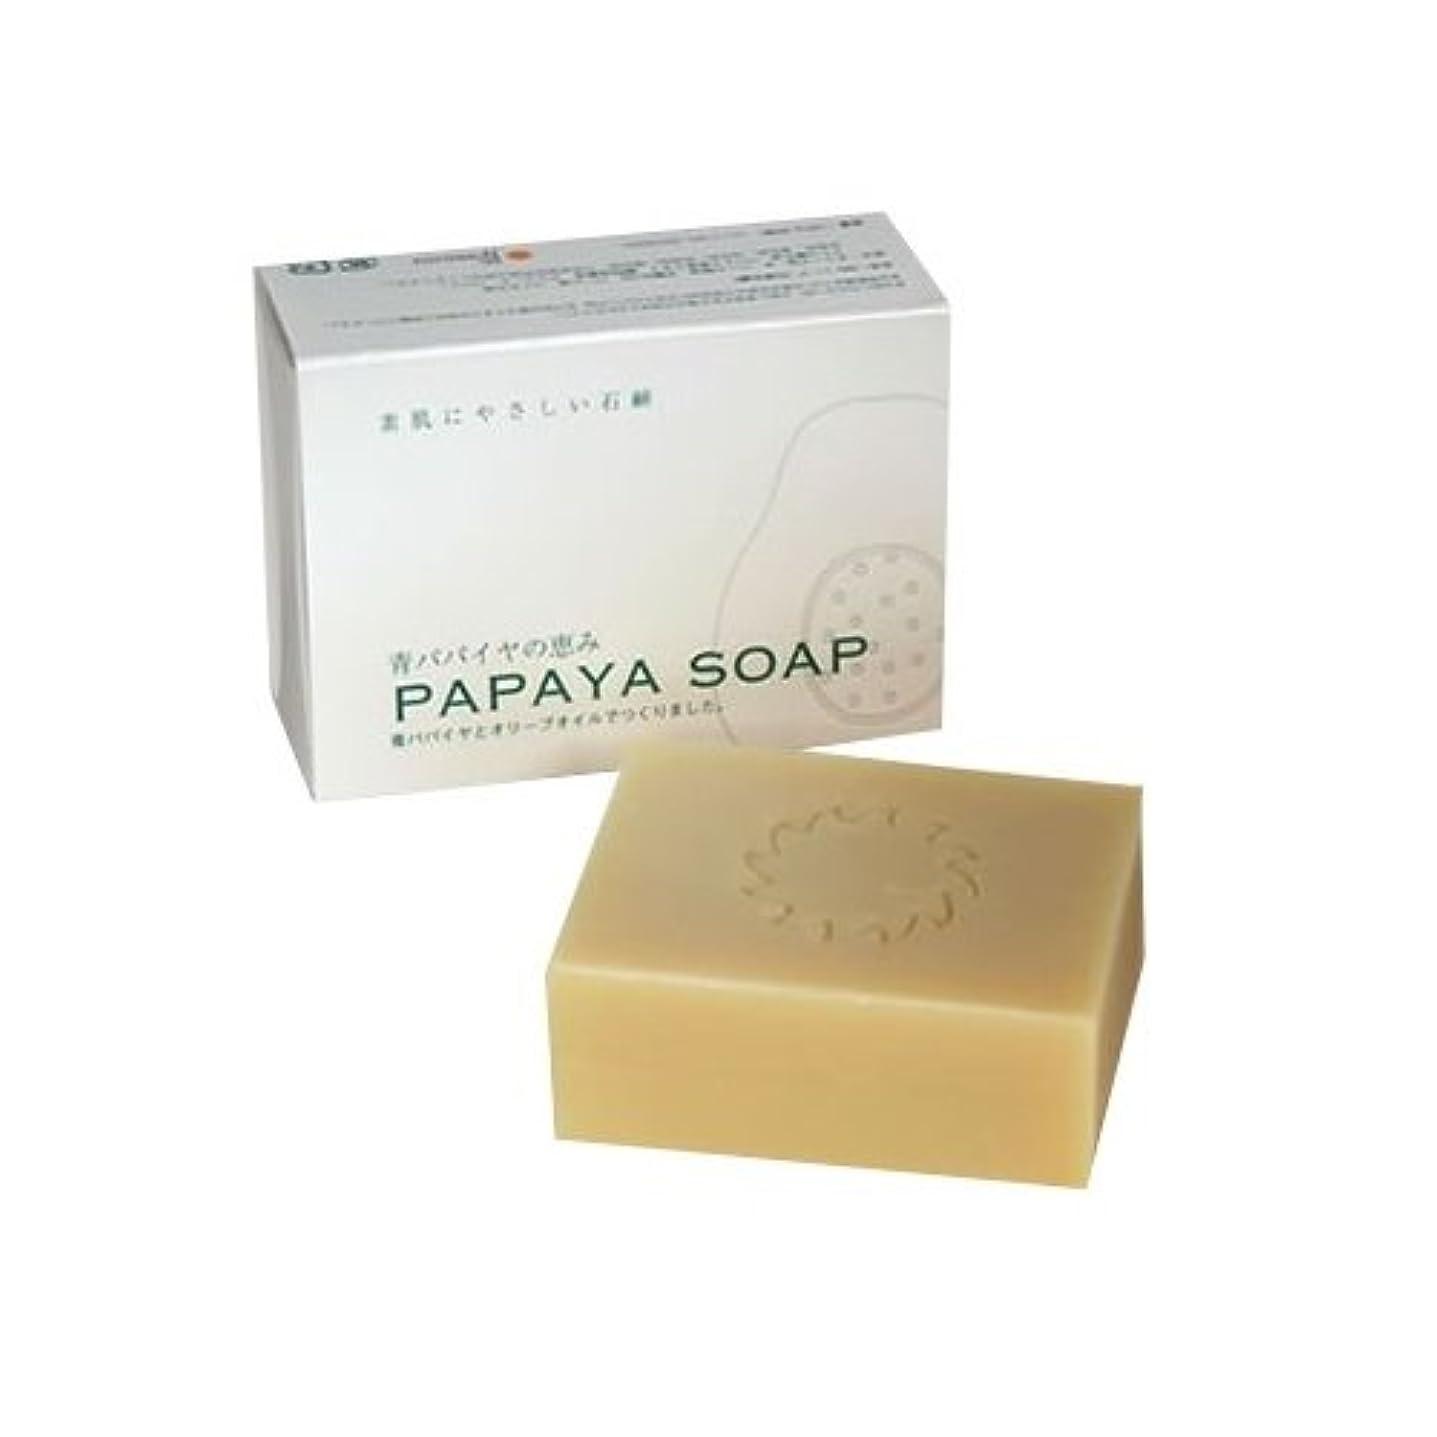 吸い込む必要冷ややかな青パパイヤの恵み PAPAYA SOAP(パパイヤソープ) 100g